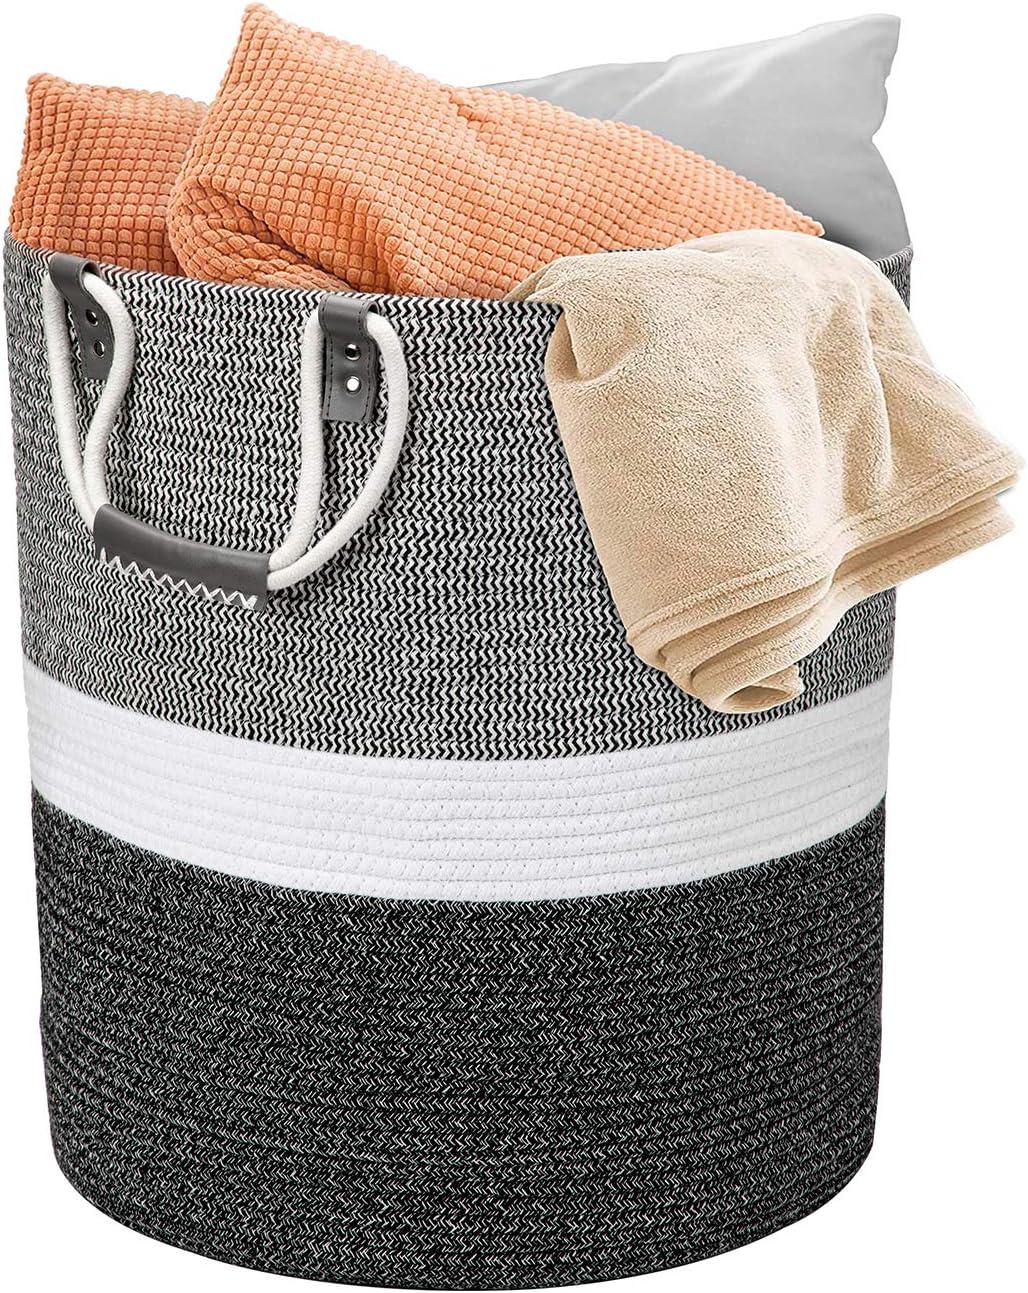 Cesta grande para la colada, de algodón trenzado, con asa, color blanco con costuras negras, 43 x 48 cm, para mantas, cojines, juguetes, sala de estar, habitación de los niños, baño